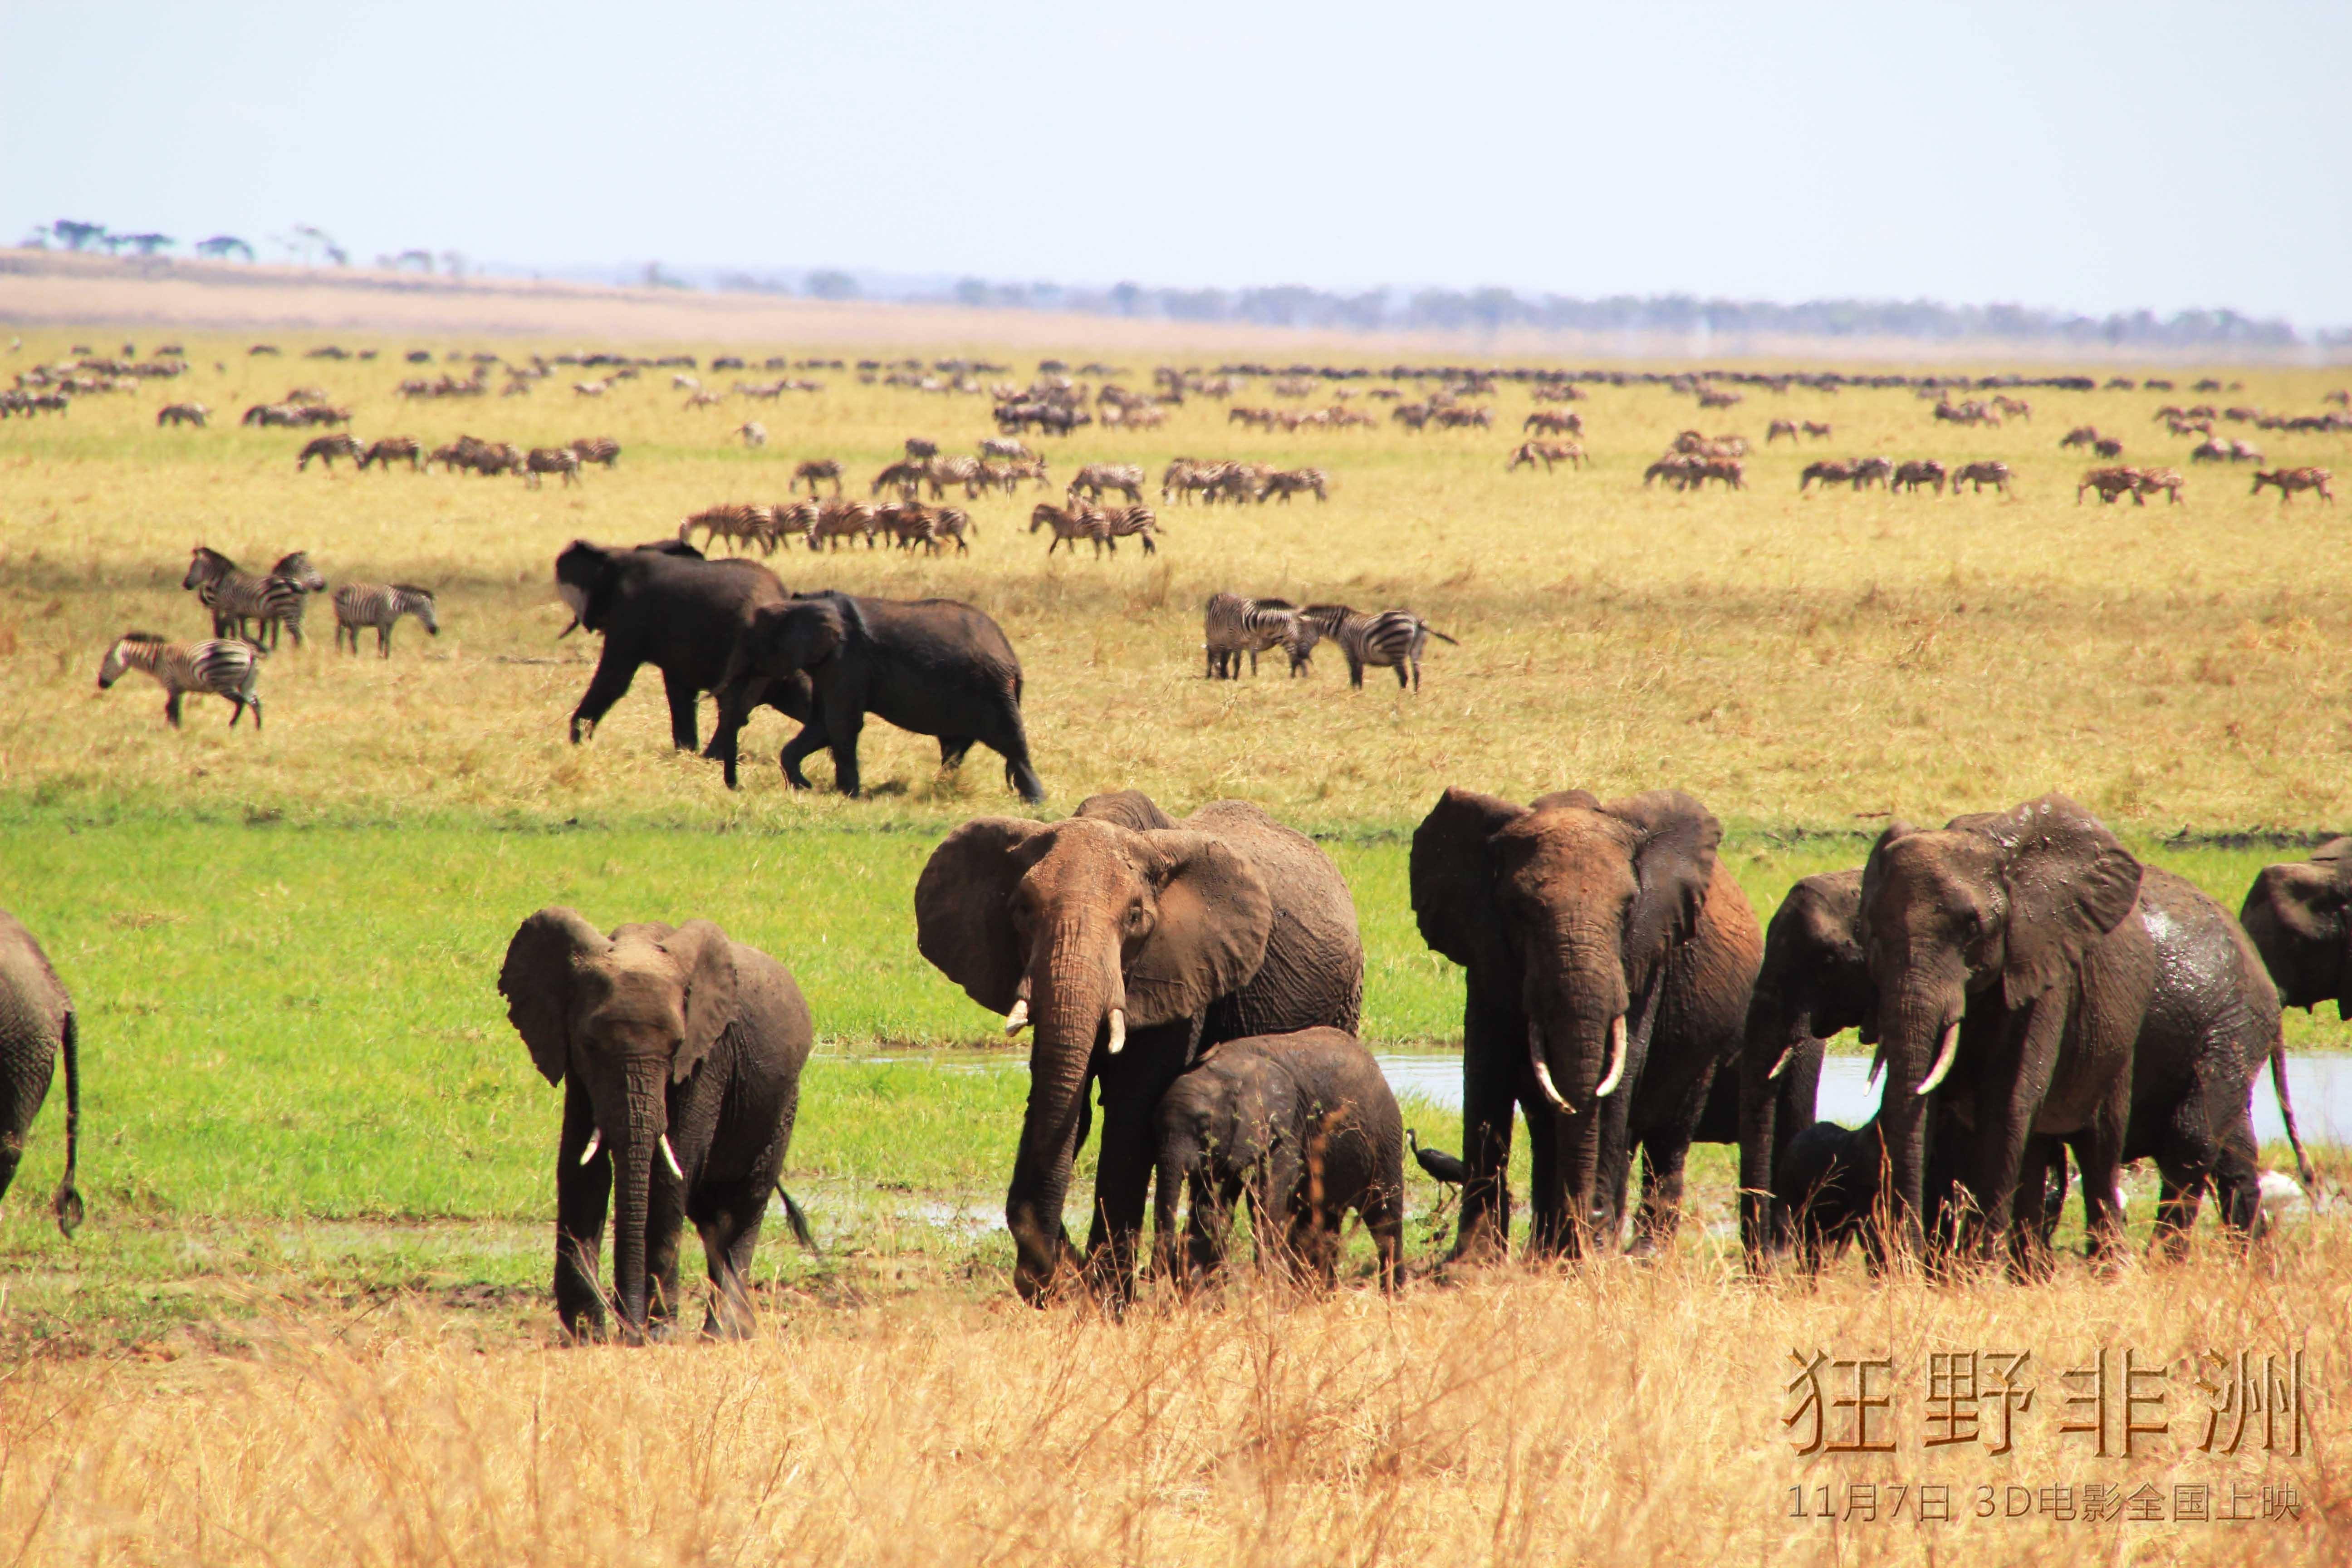 有关非洲动物的电影